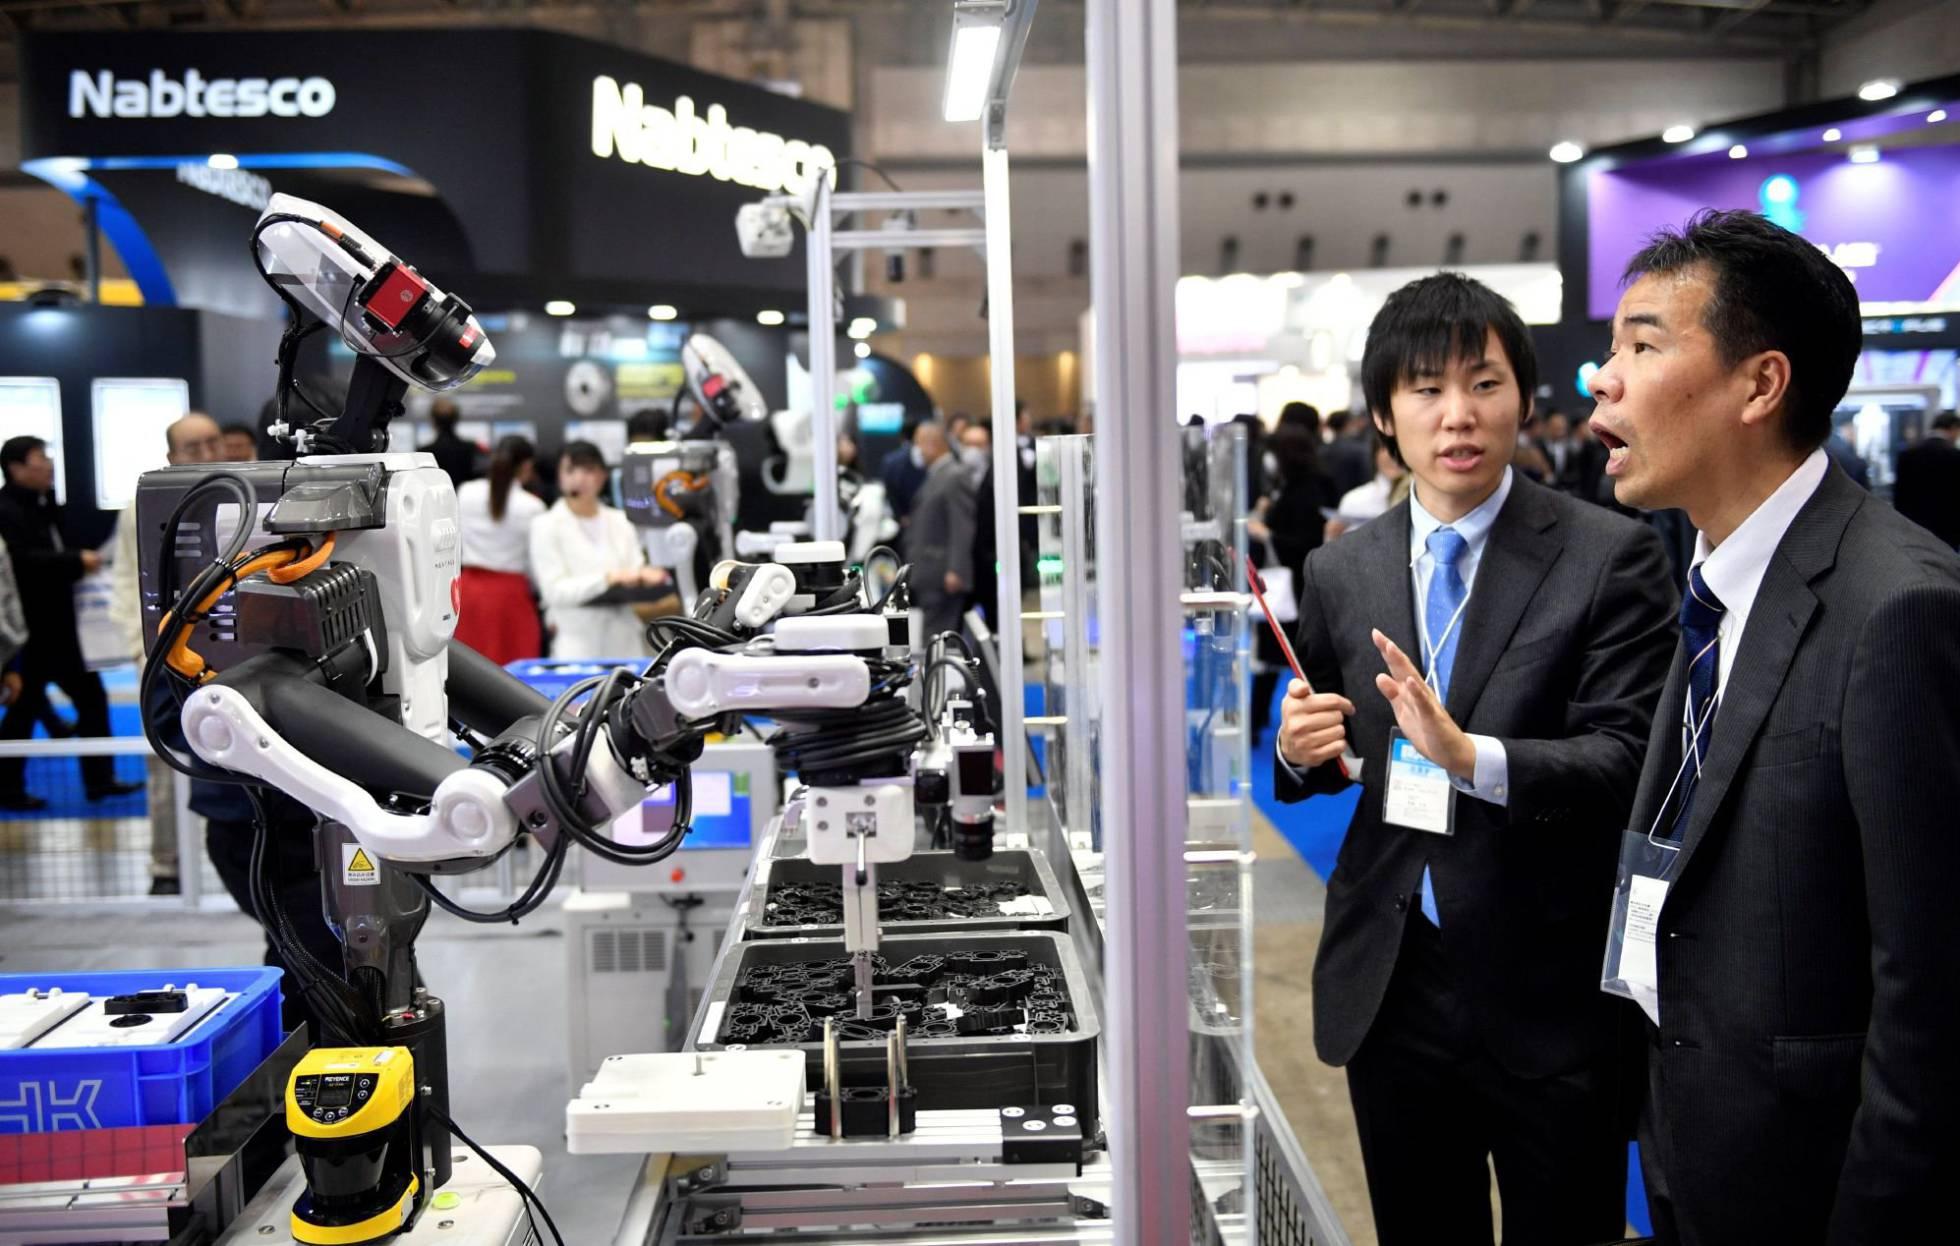 La robótica eliminará hasta 800 millones de empleos en el 2030